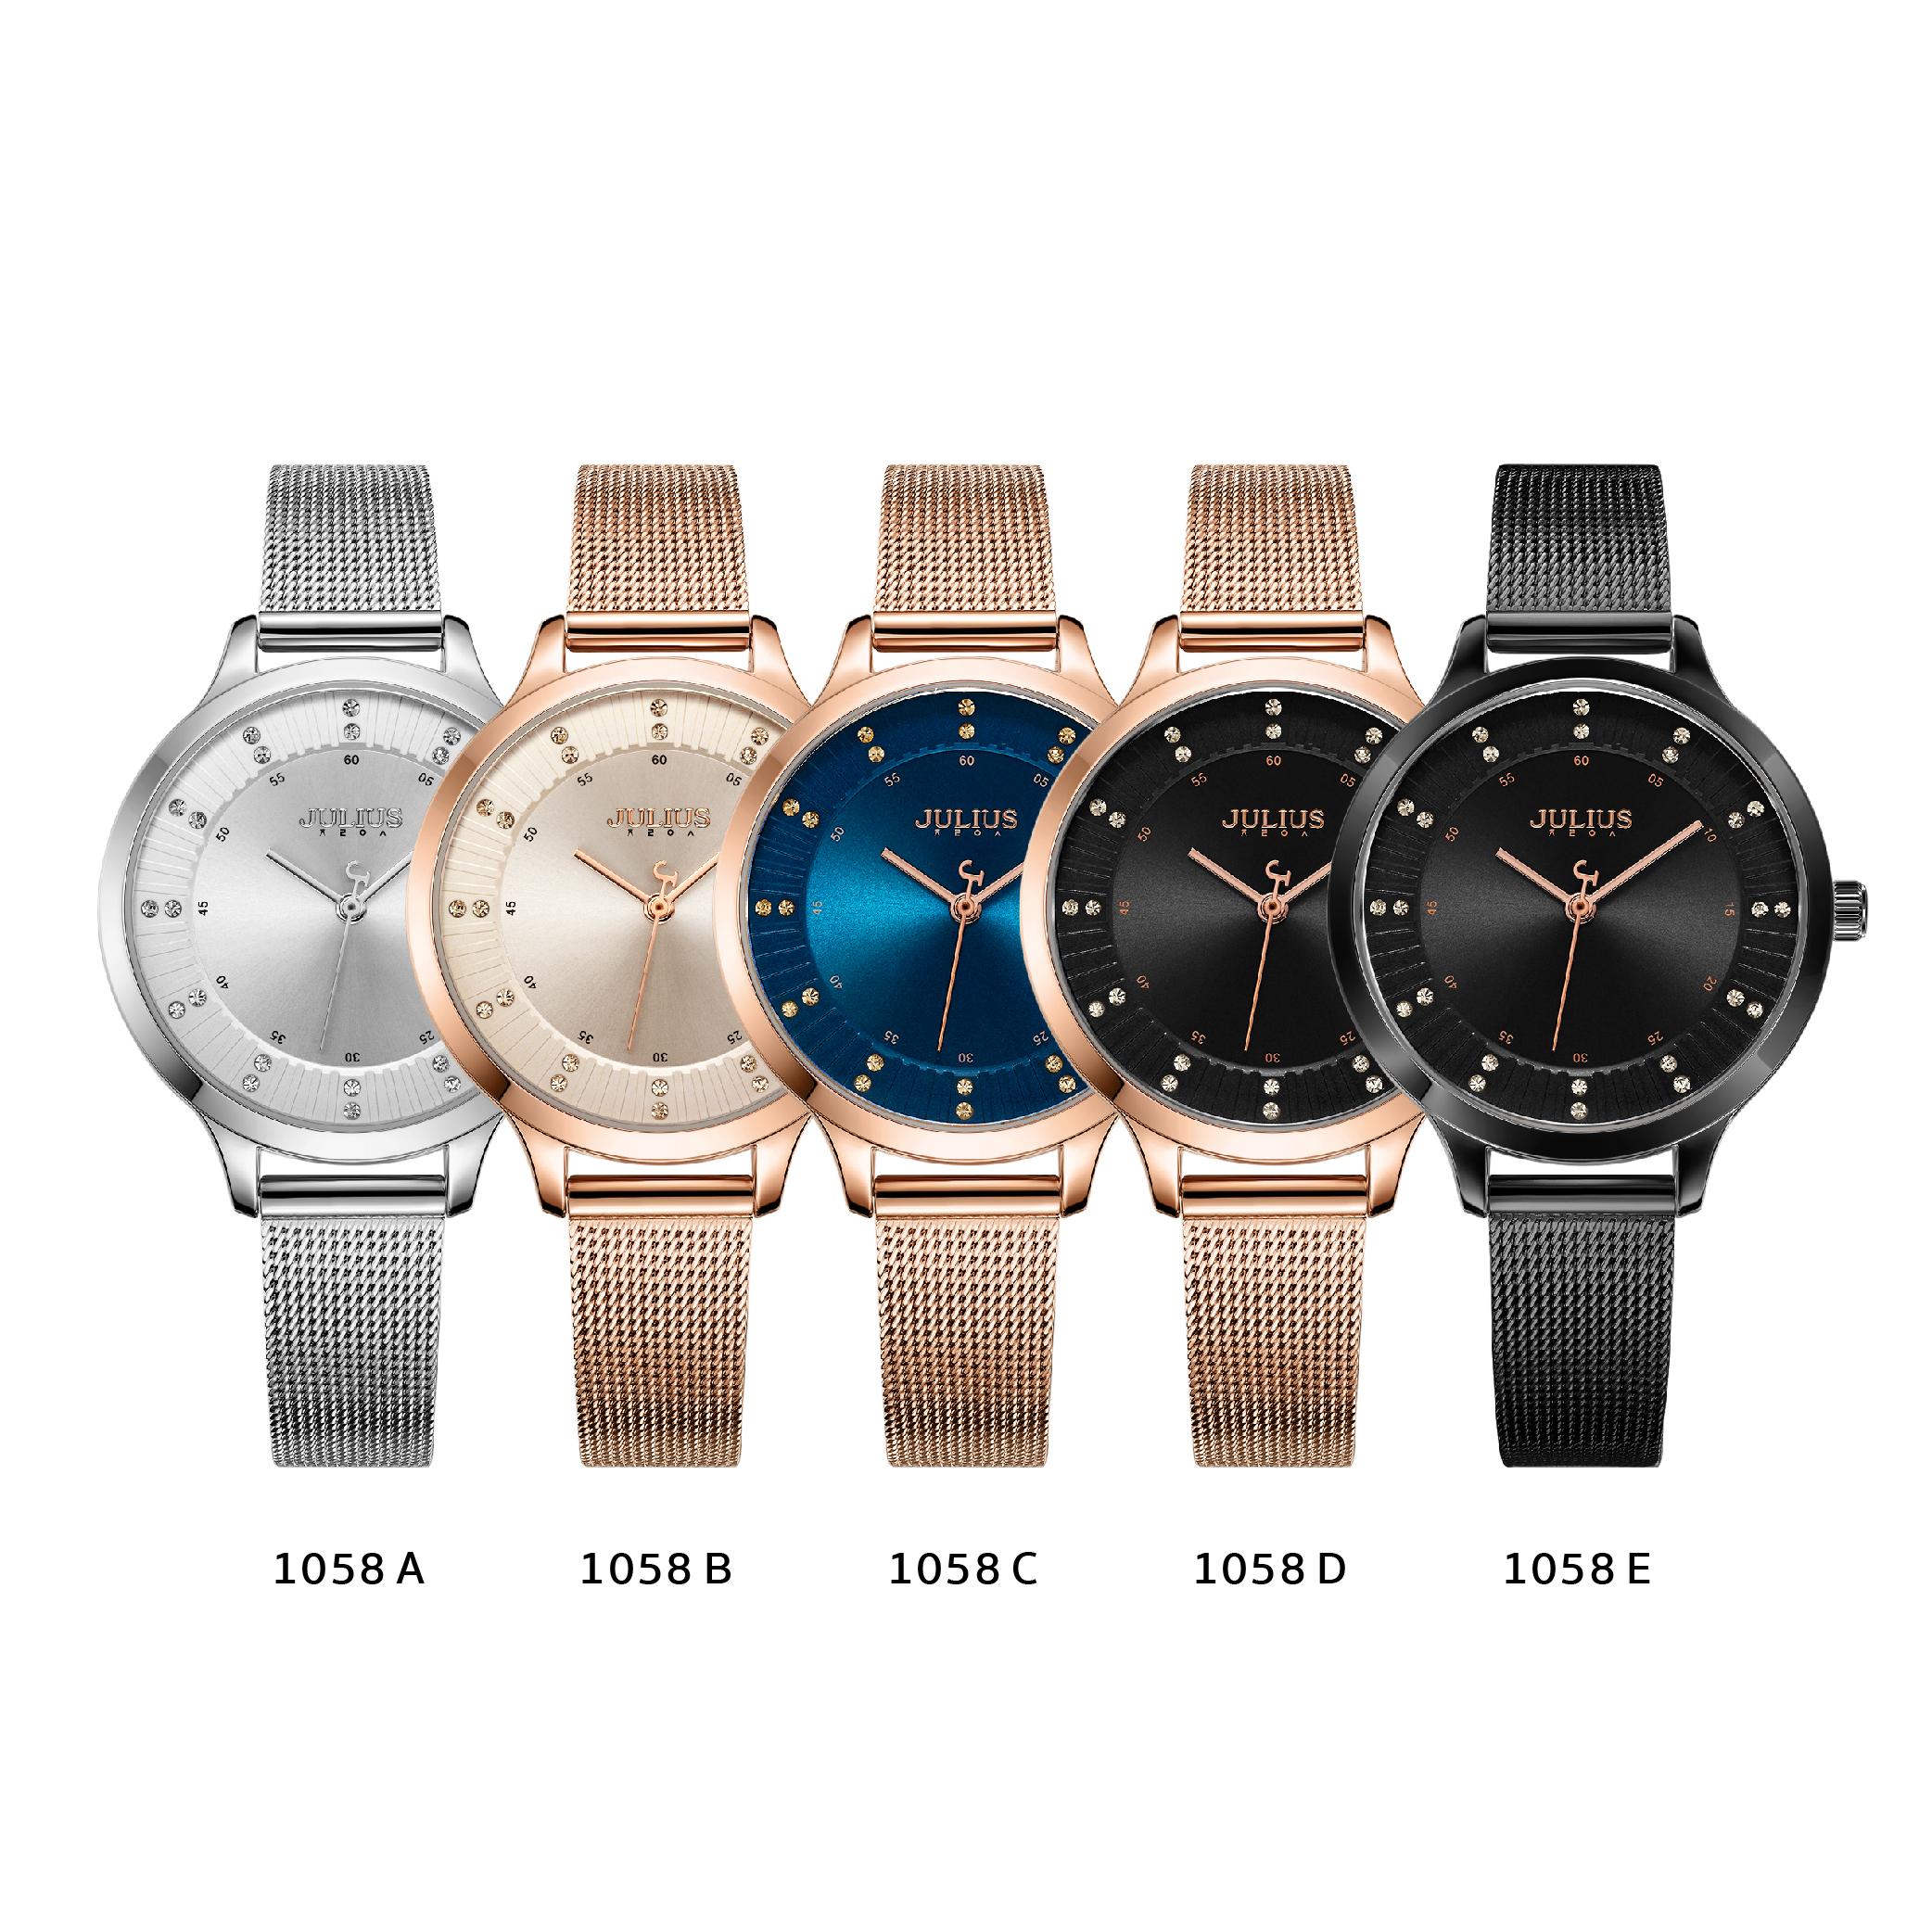 นาฬิกาข้อมือผู้หญิง JULIUS JA-1058 D